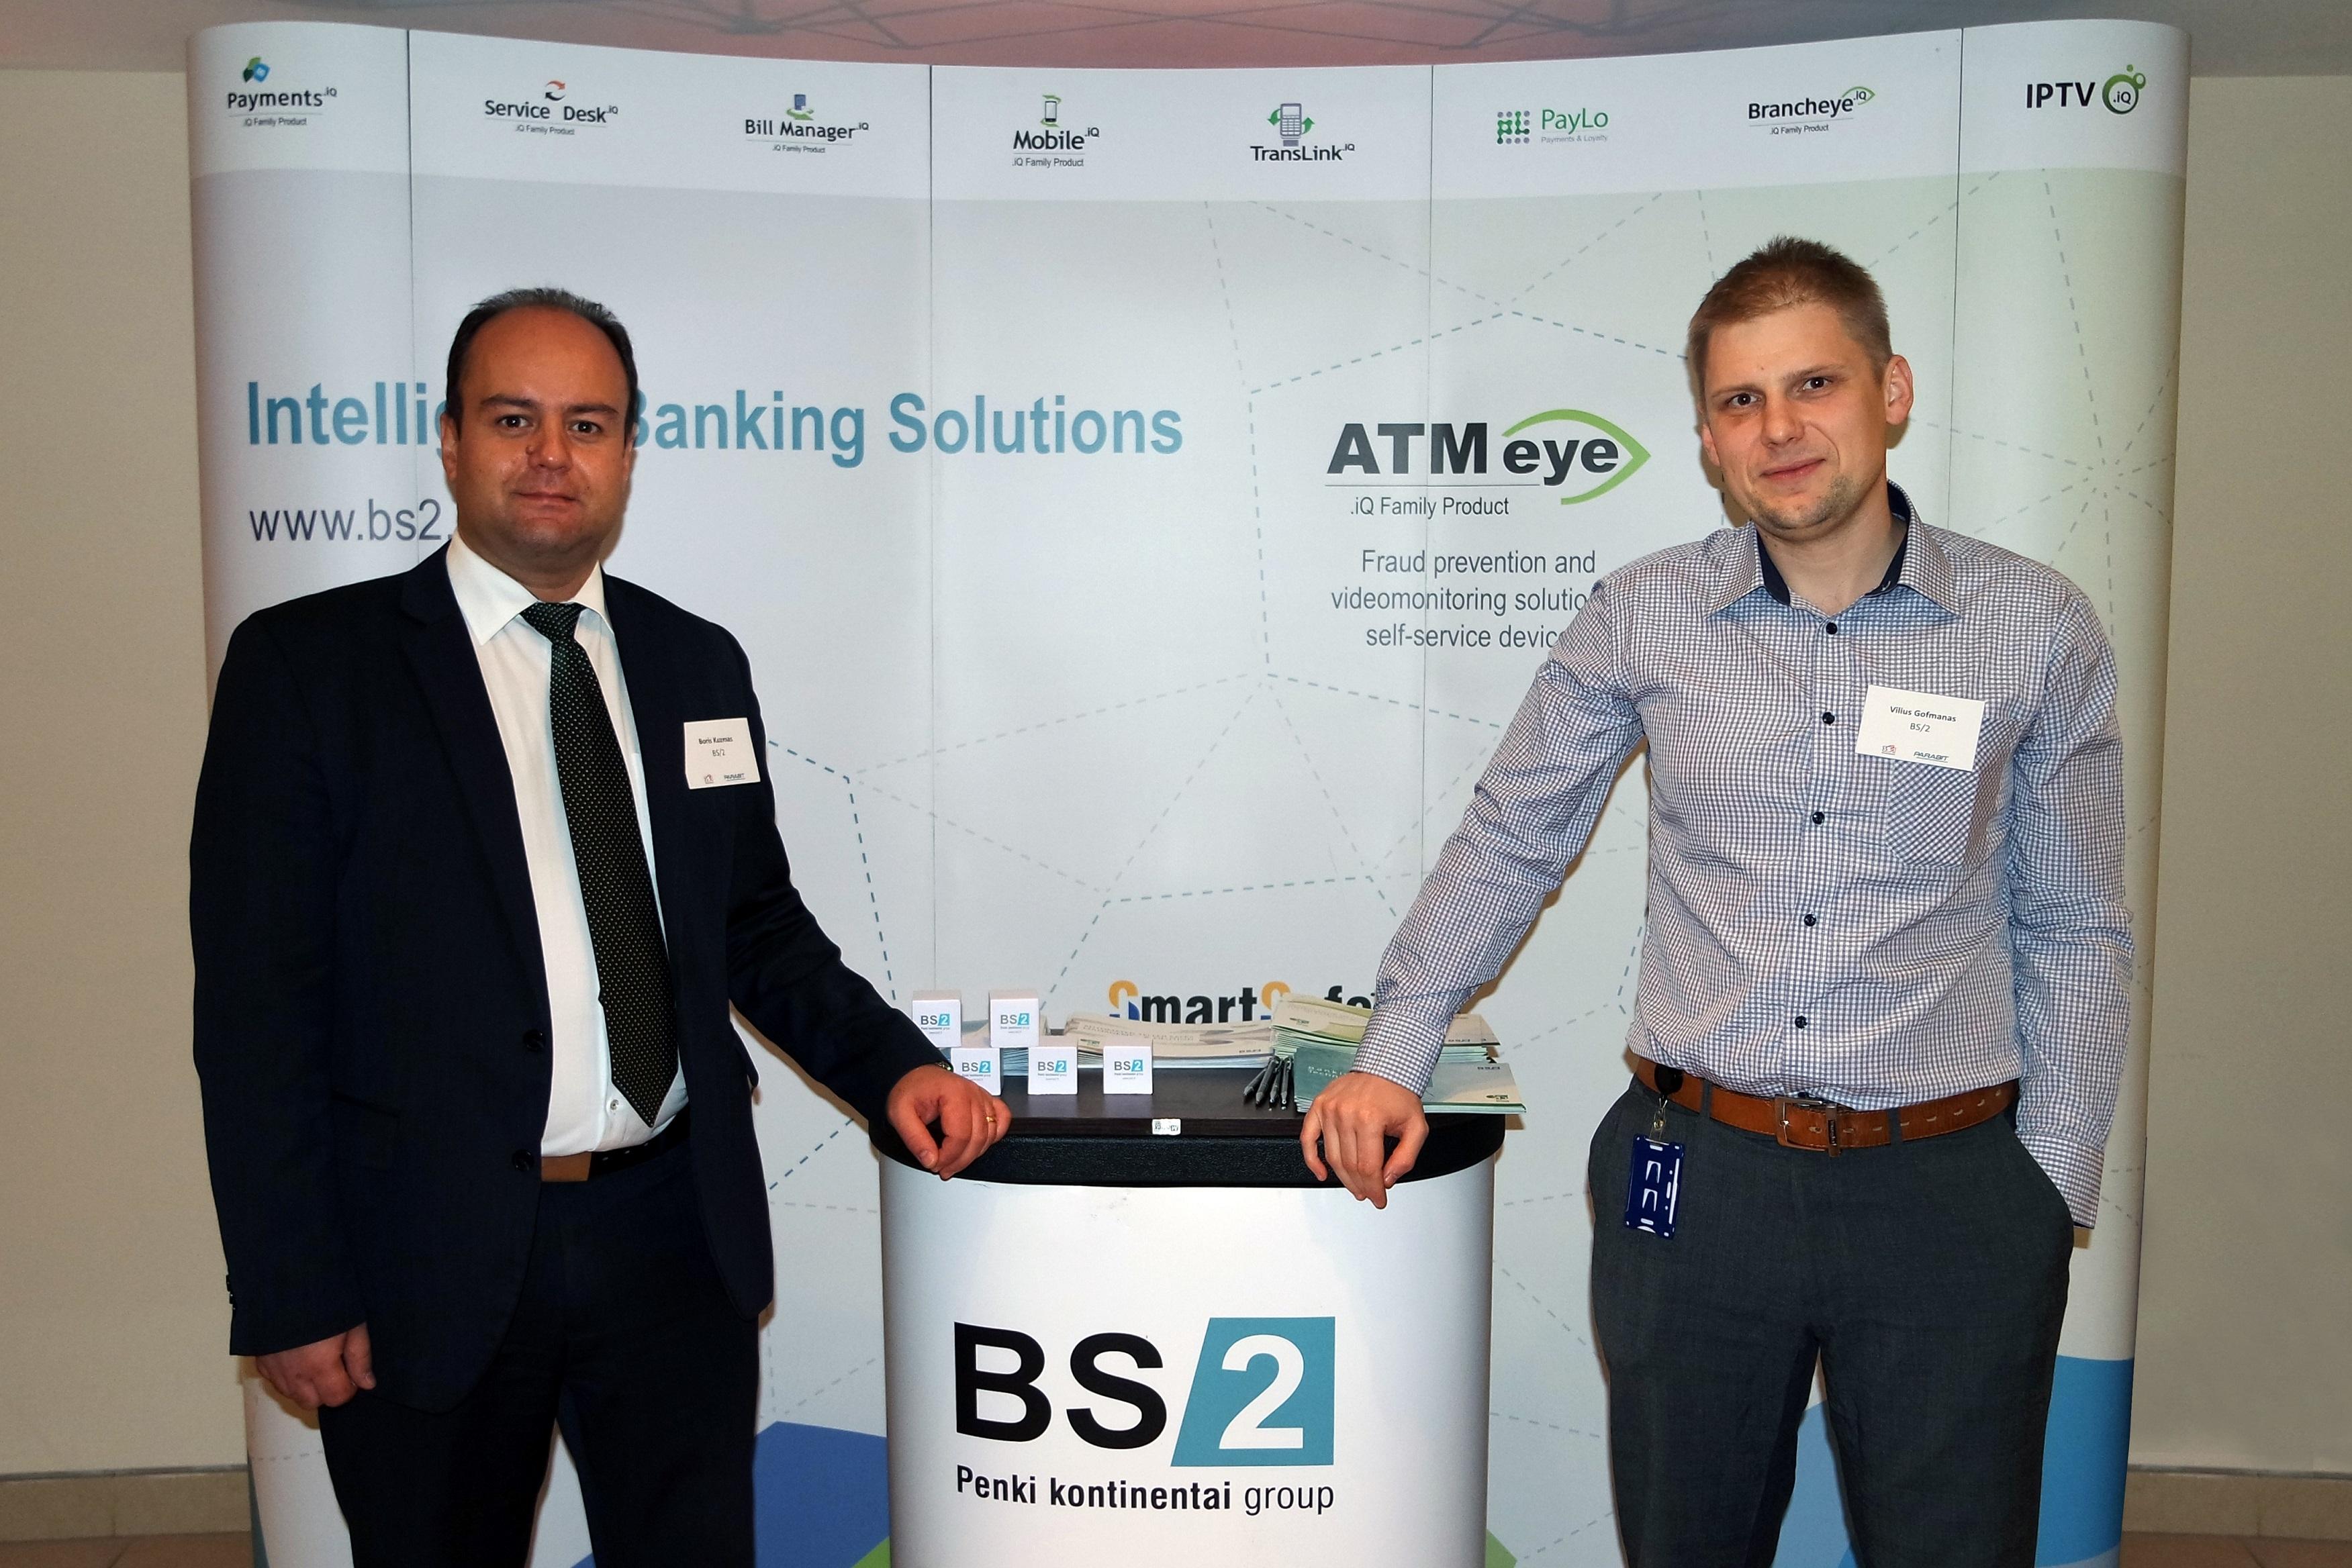 Конференция ATM Security 2015 – современные решения для безопасности банкоматов